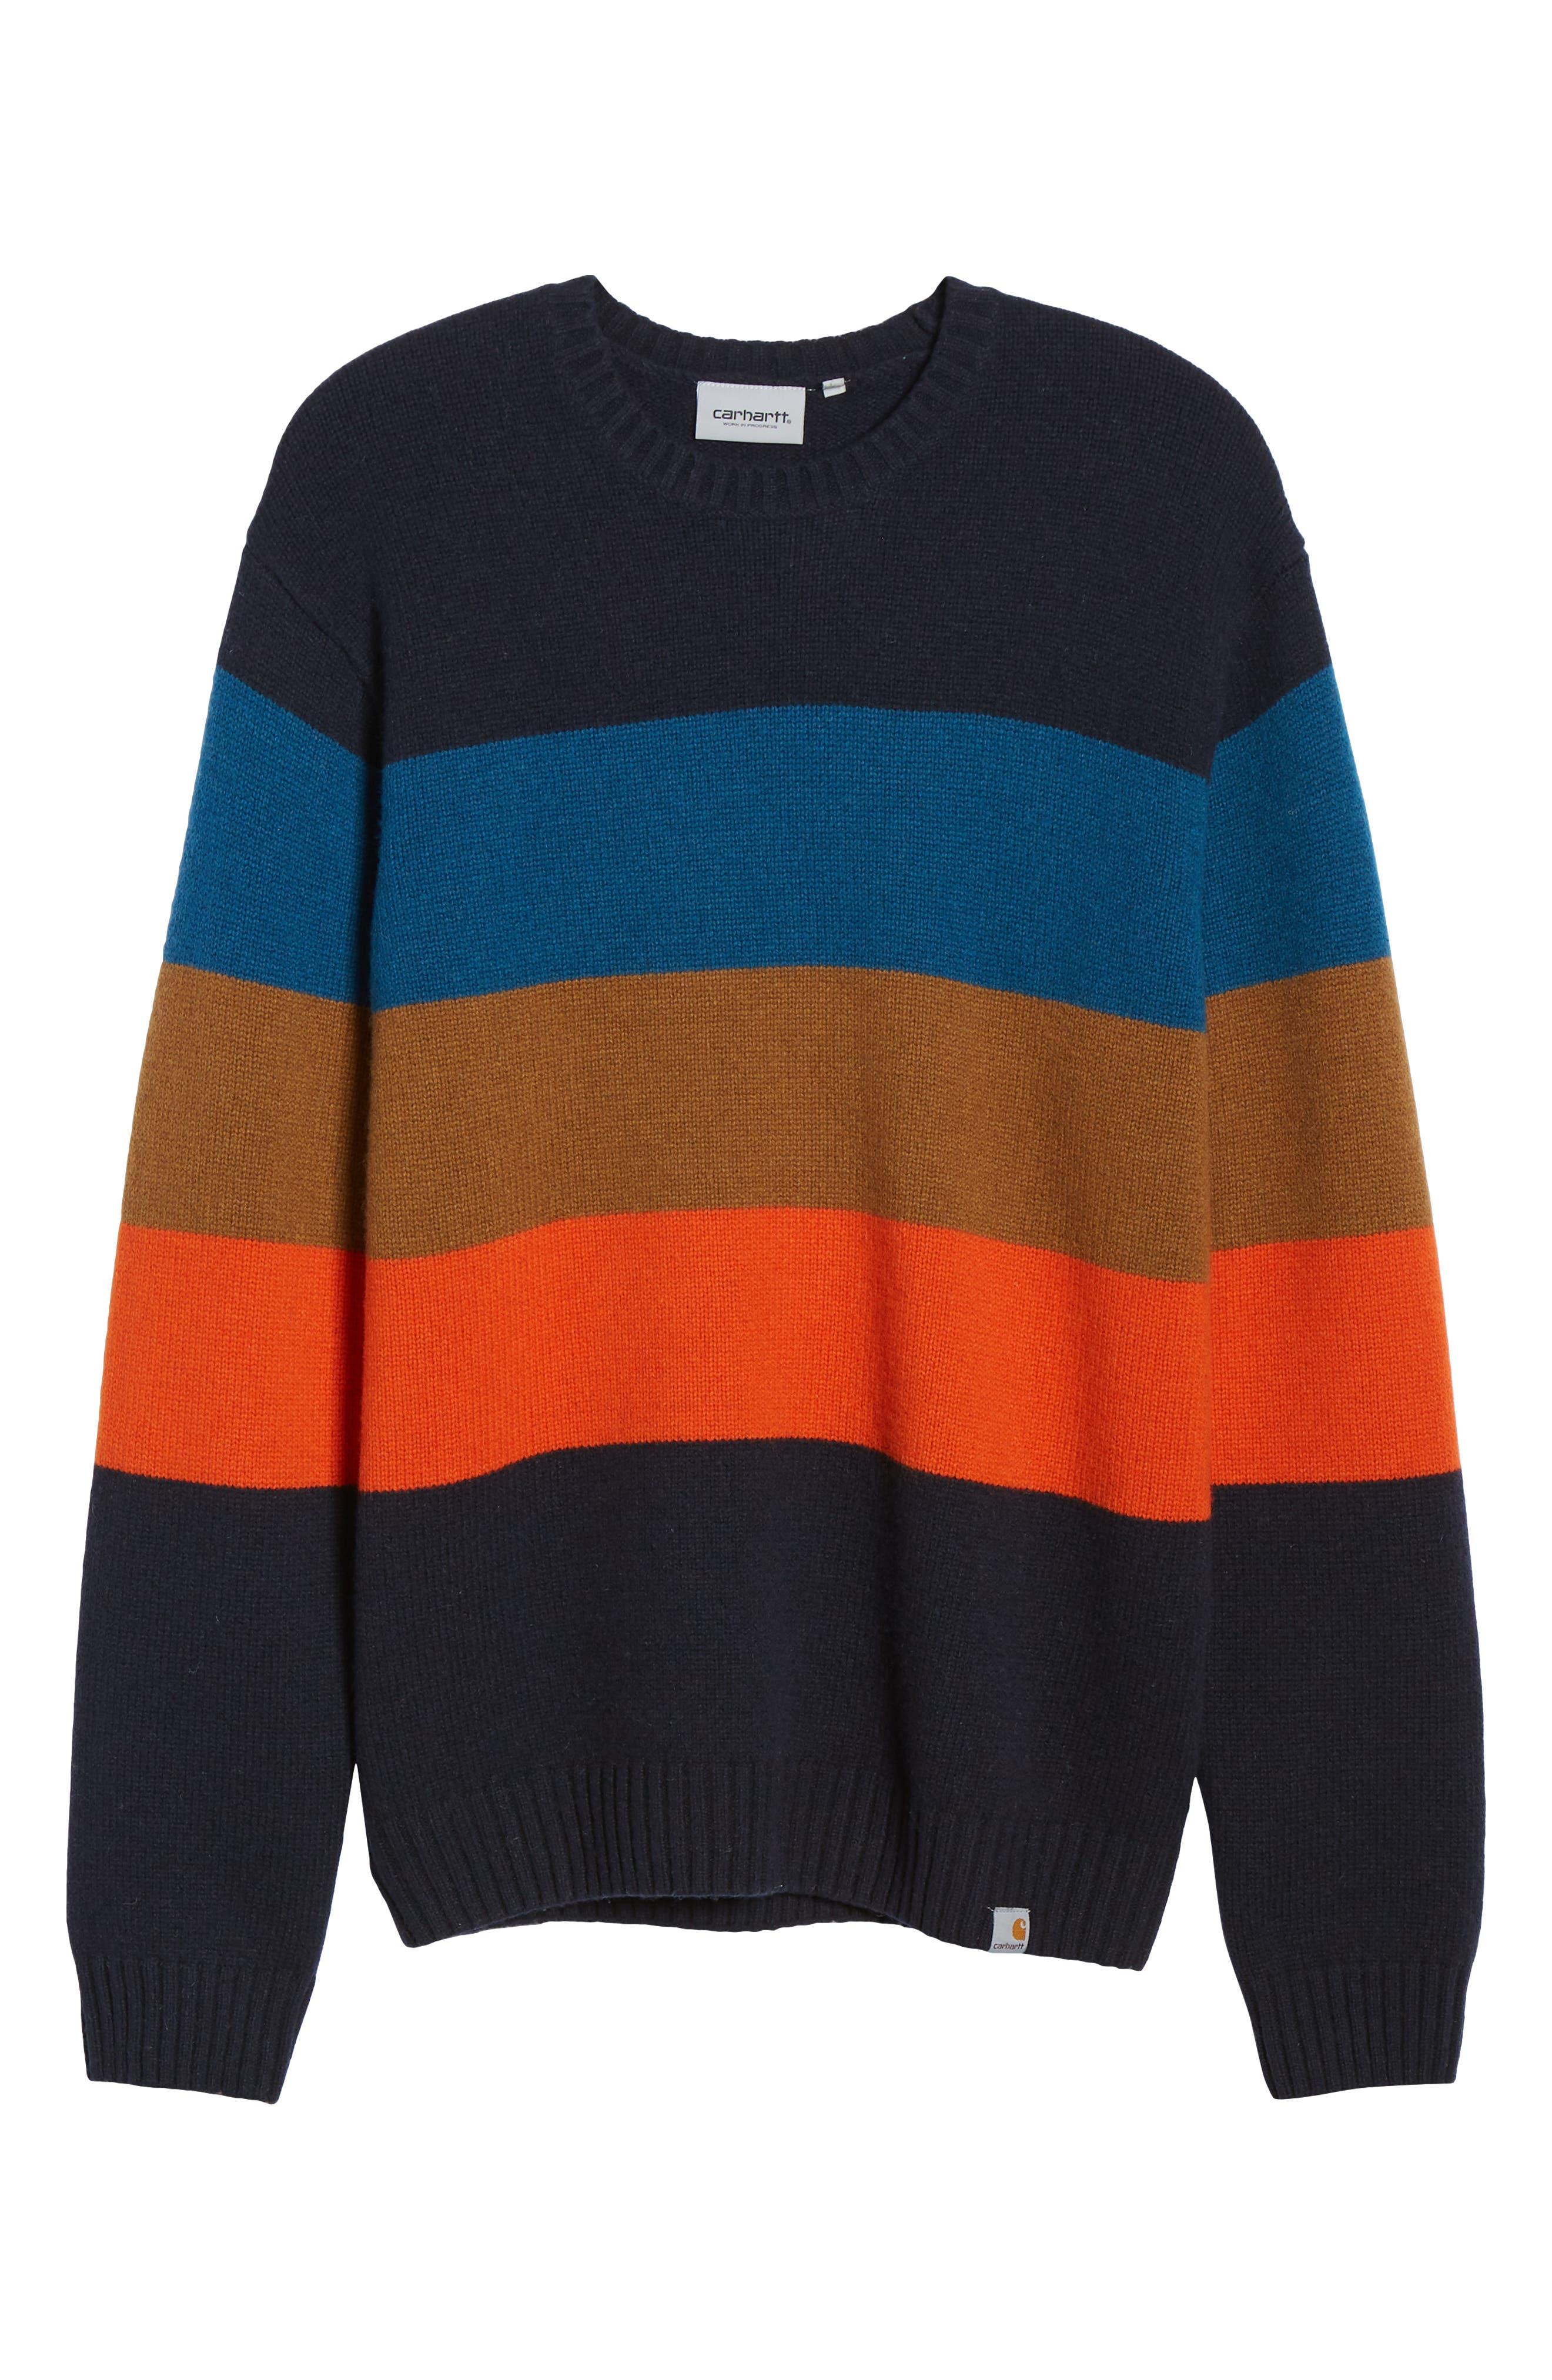 Goldner Stripe Wool Sweater,                             Alternate thumbnail 6, color,                             GOLD STRIPE DARK NAVY